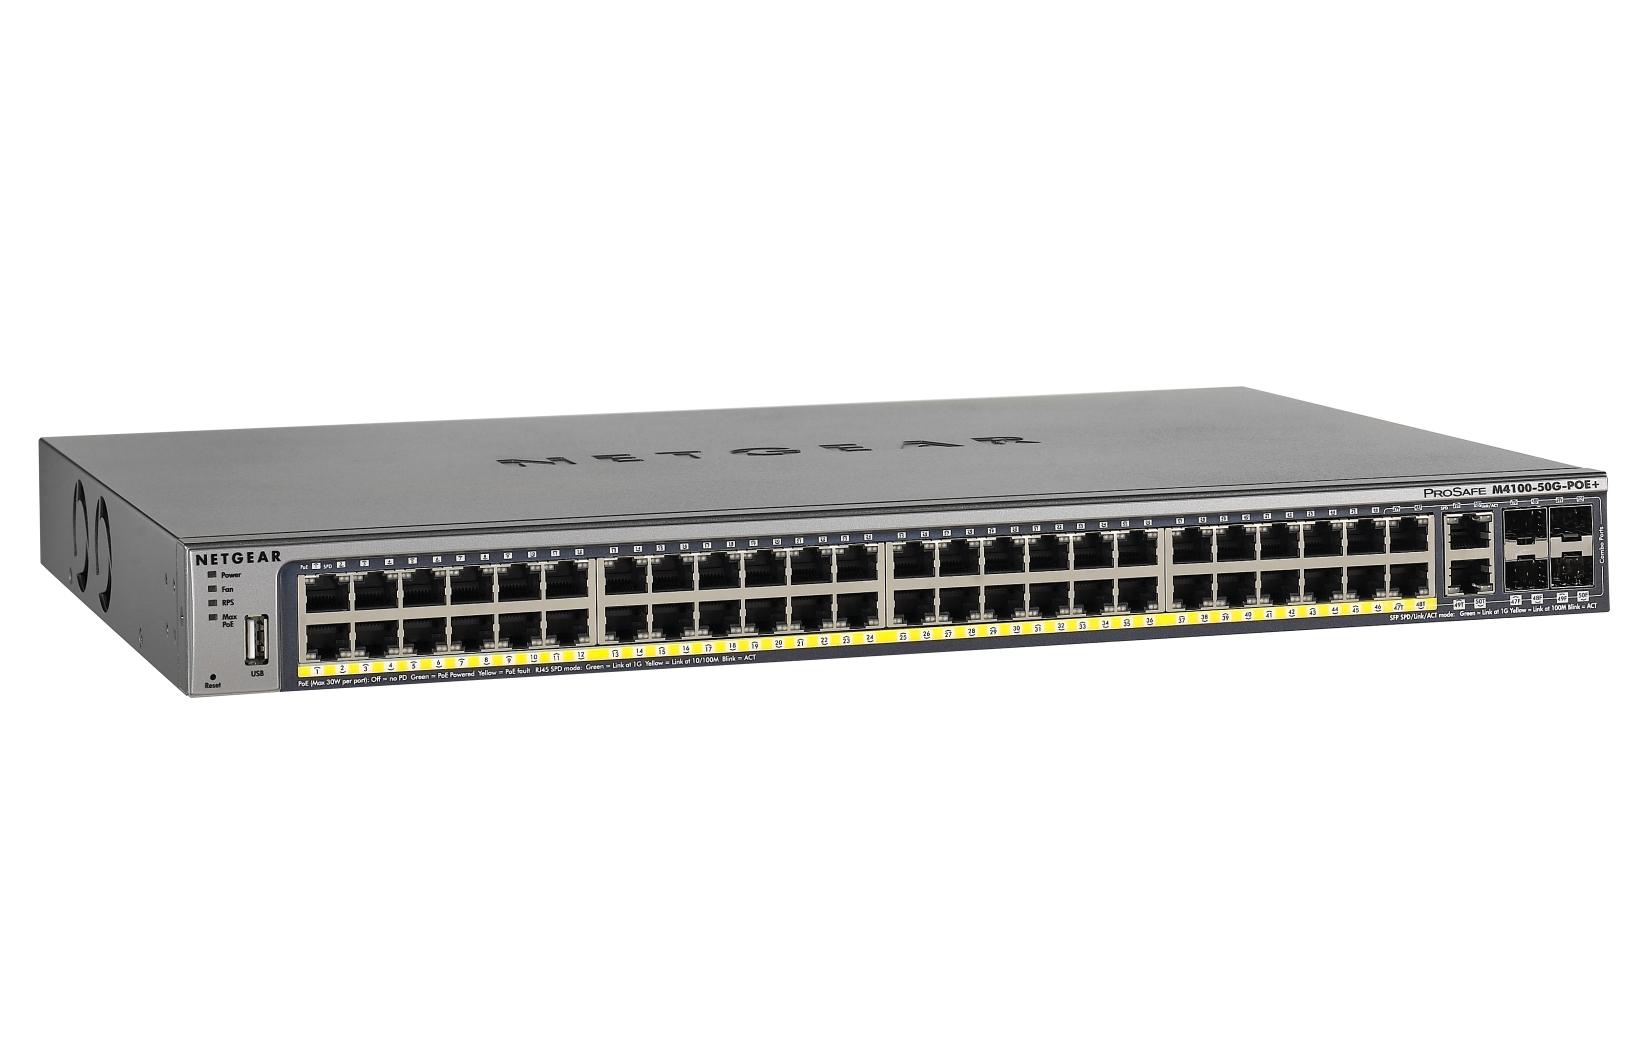 Netgear M4100-50G-POE+ Managed L2+/L3 Gigabit Ethernet (10/100/1000) Grey Power over Ethernet (PoE)